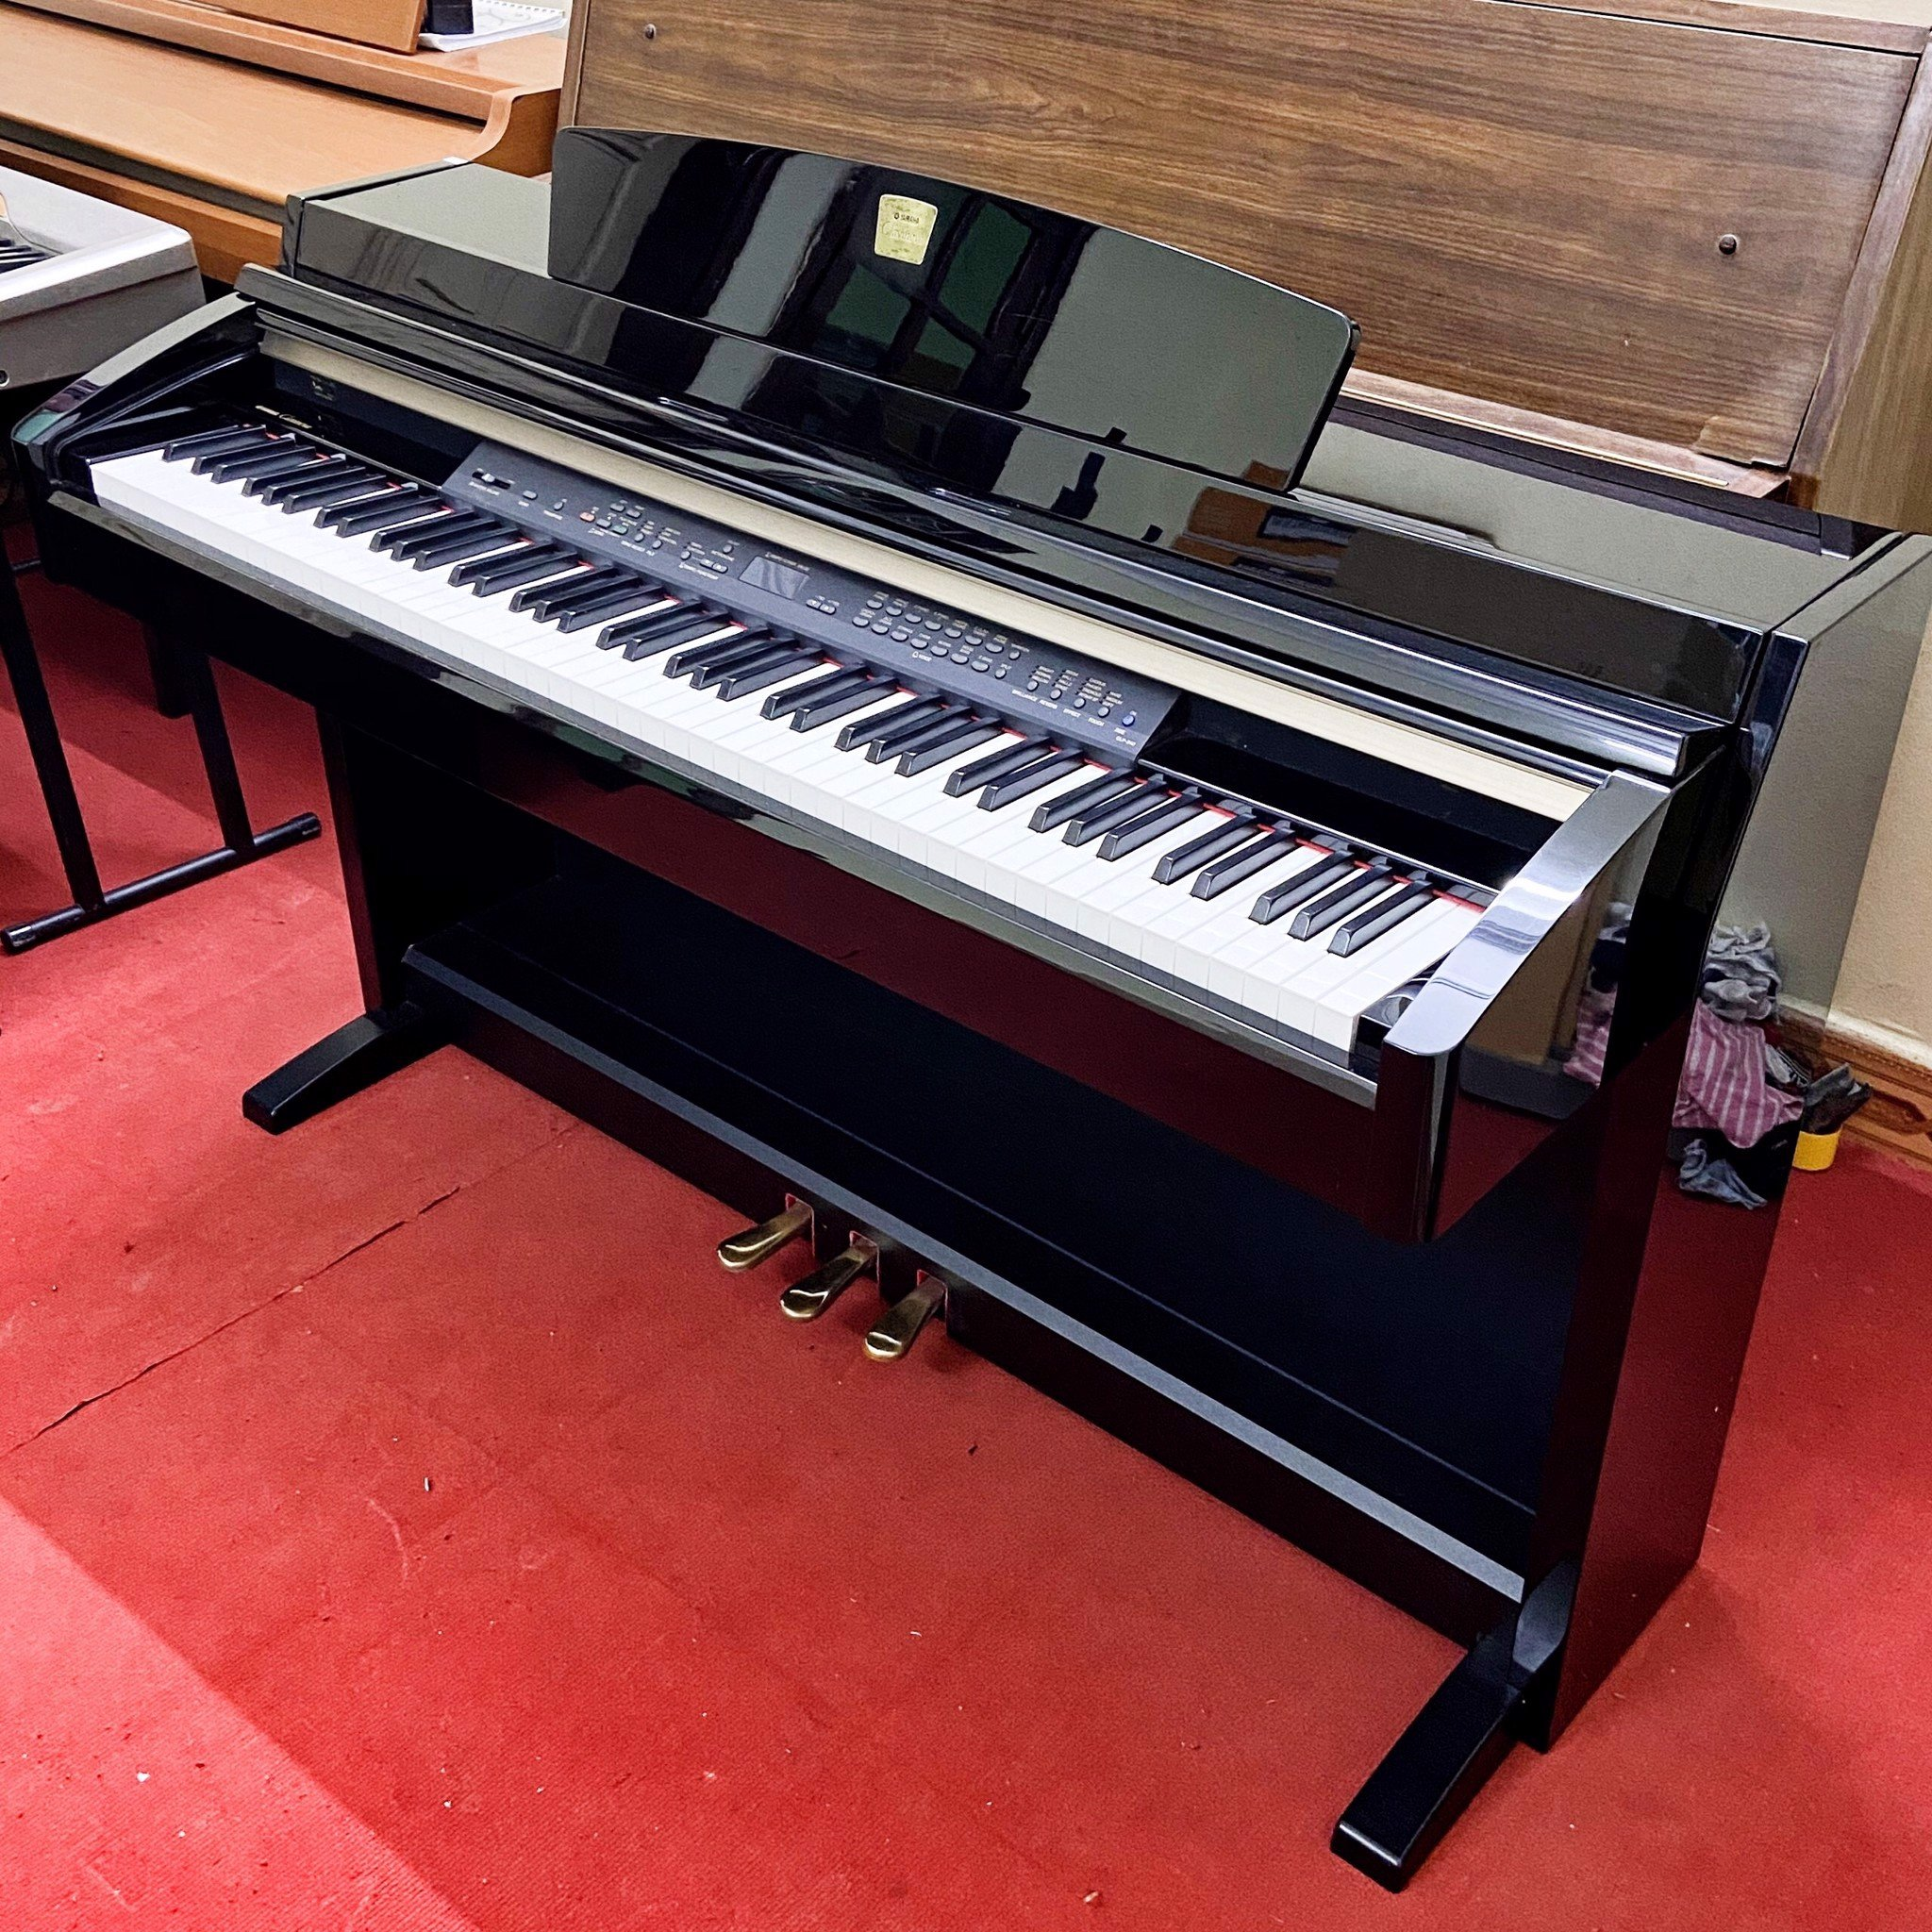 Tiêu chí chọn piano điện bạn cần biết